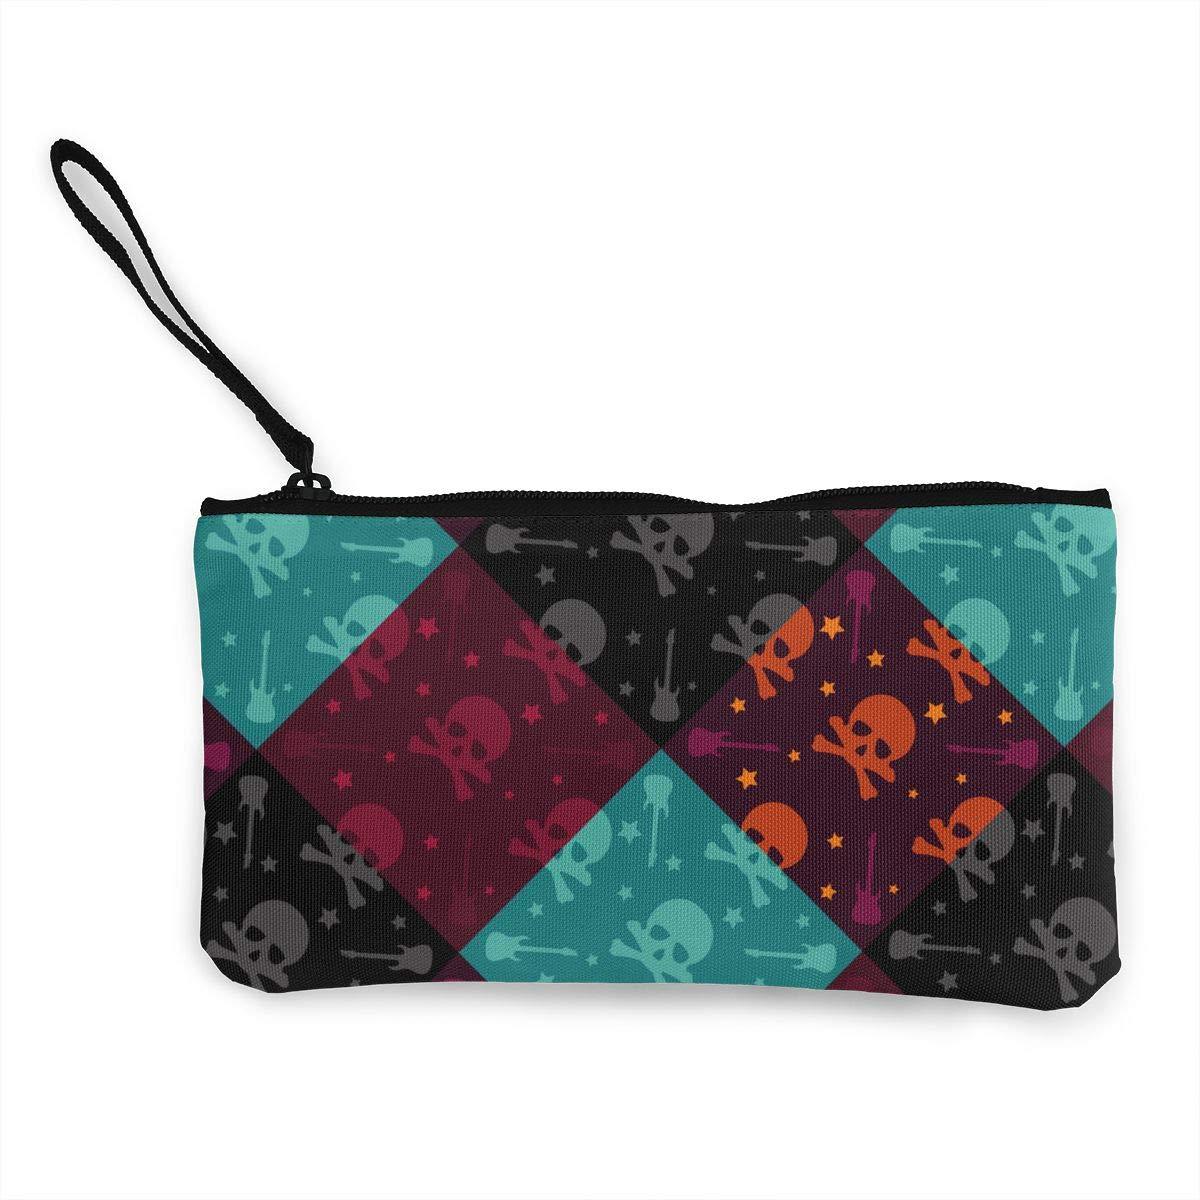 Amazon.com: Colorido bolso para monedas, diseño de calavera ...